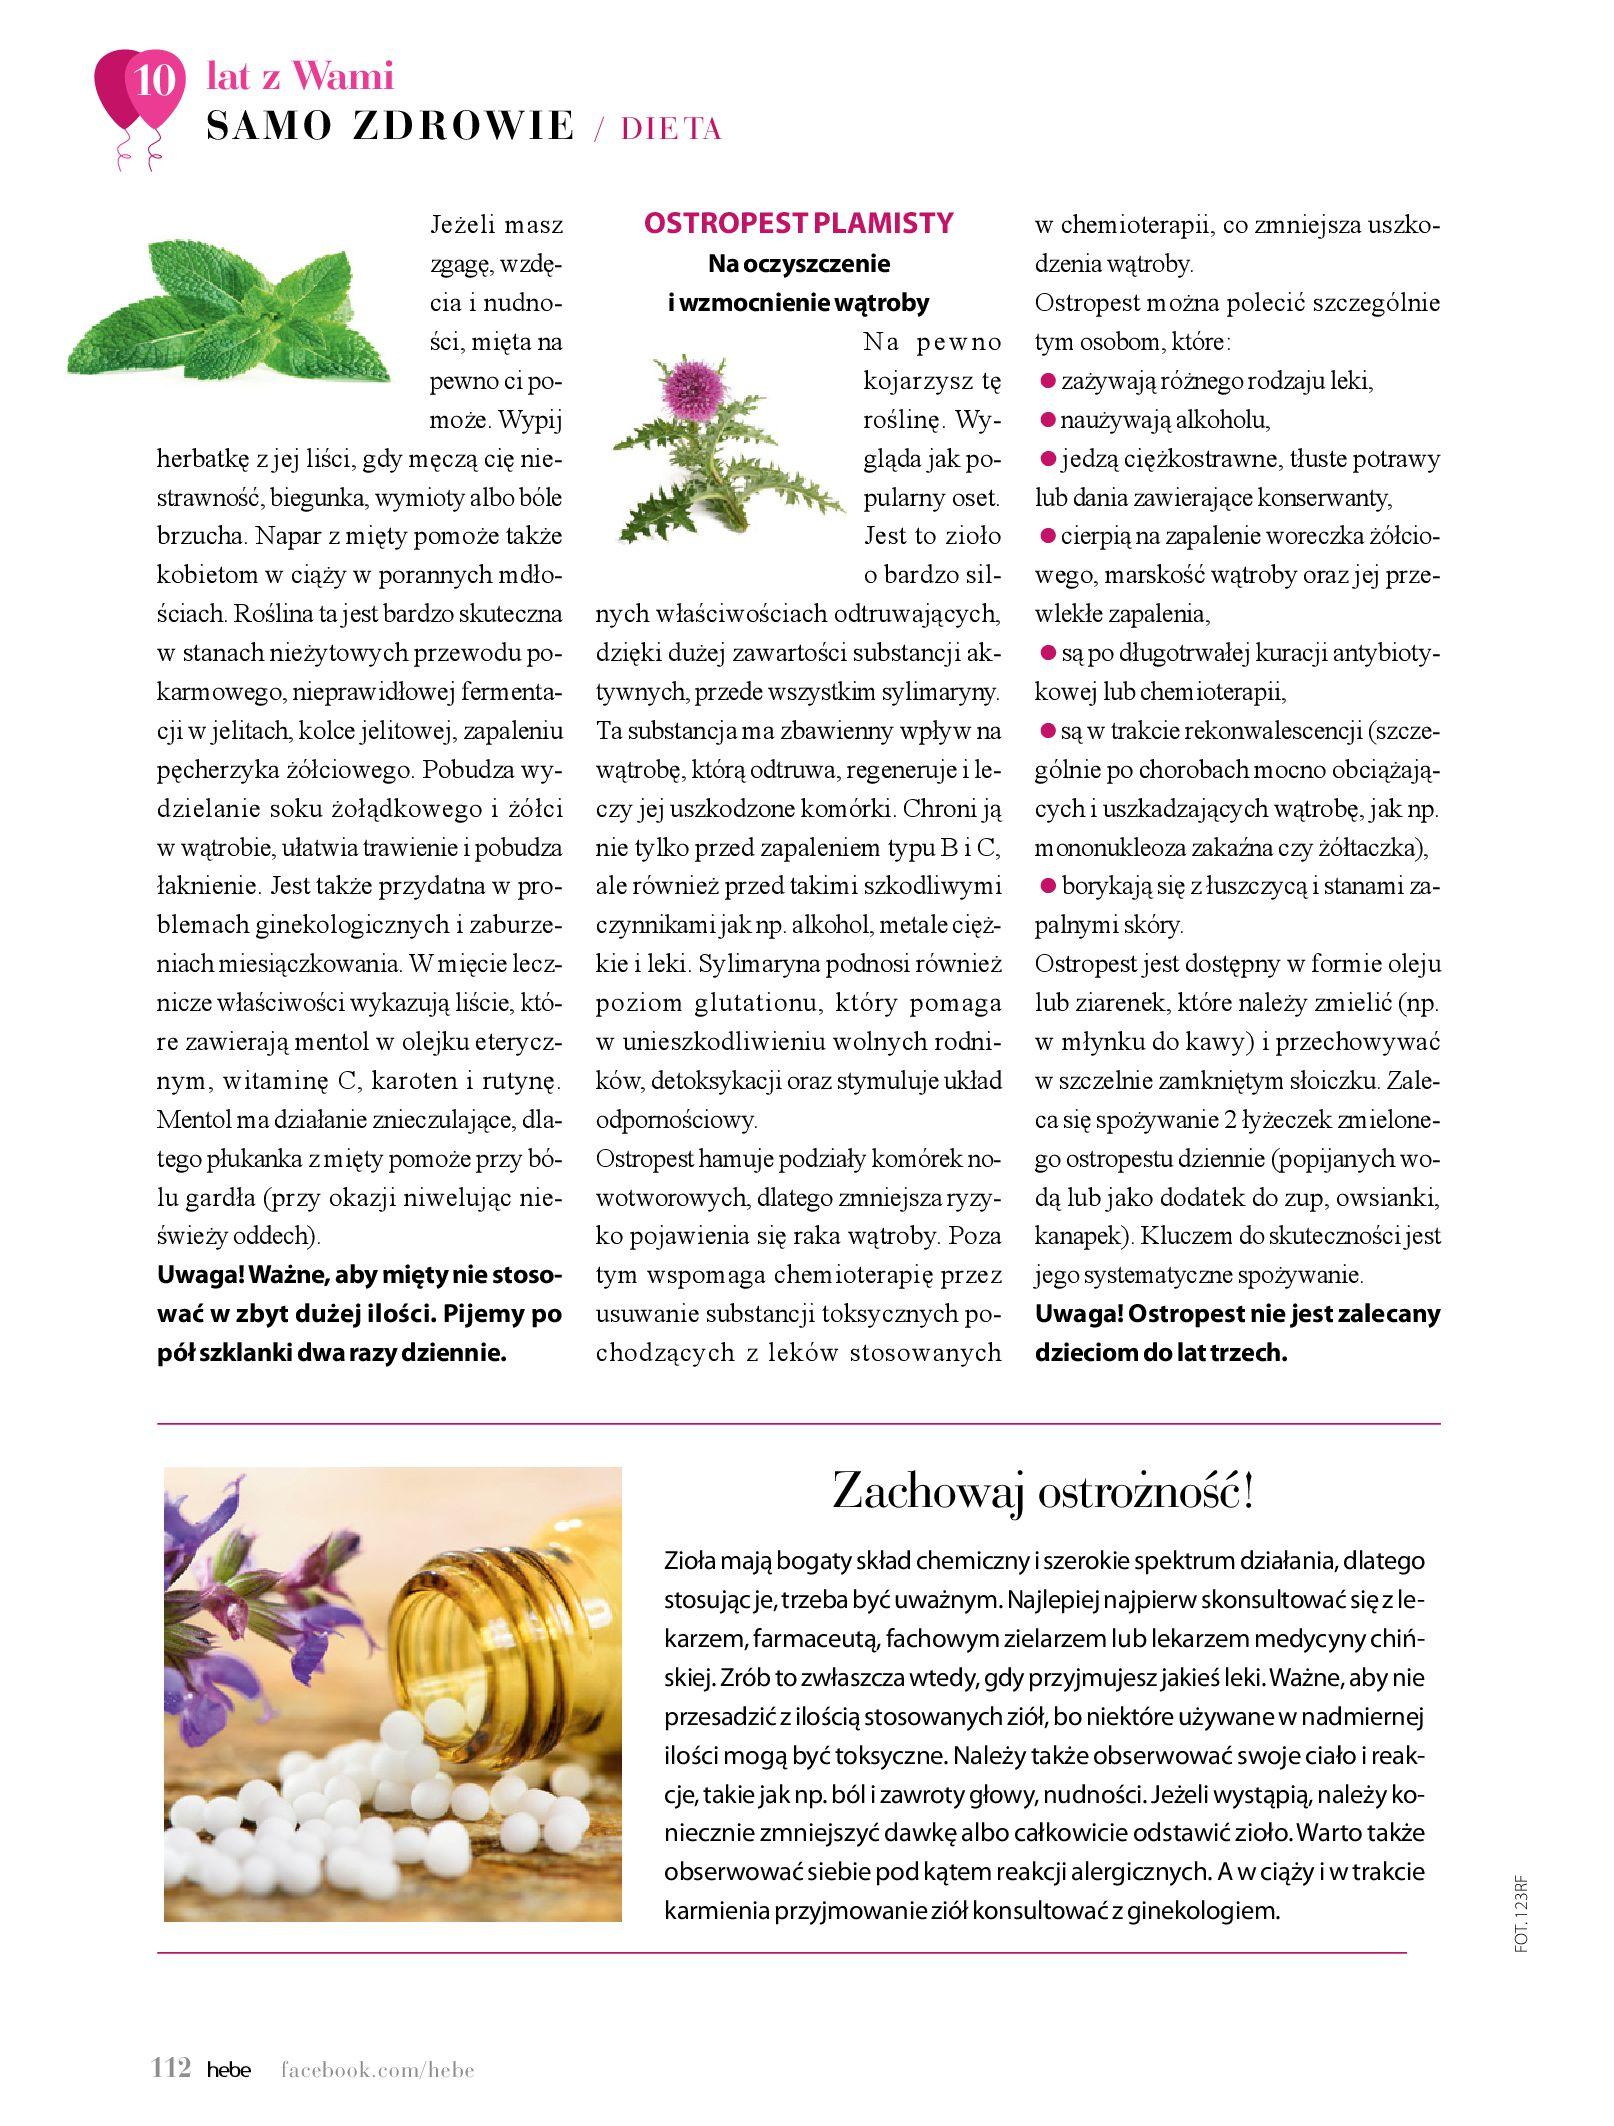 Gazetka hebe: Gazetka Hebe - Magazyn  2021-05-01 page-112